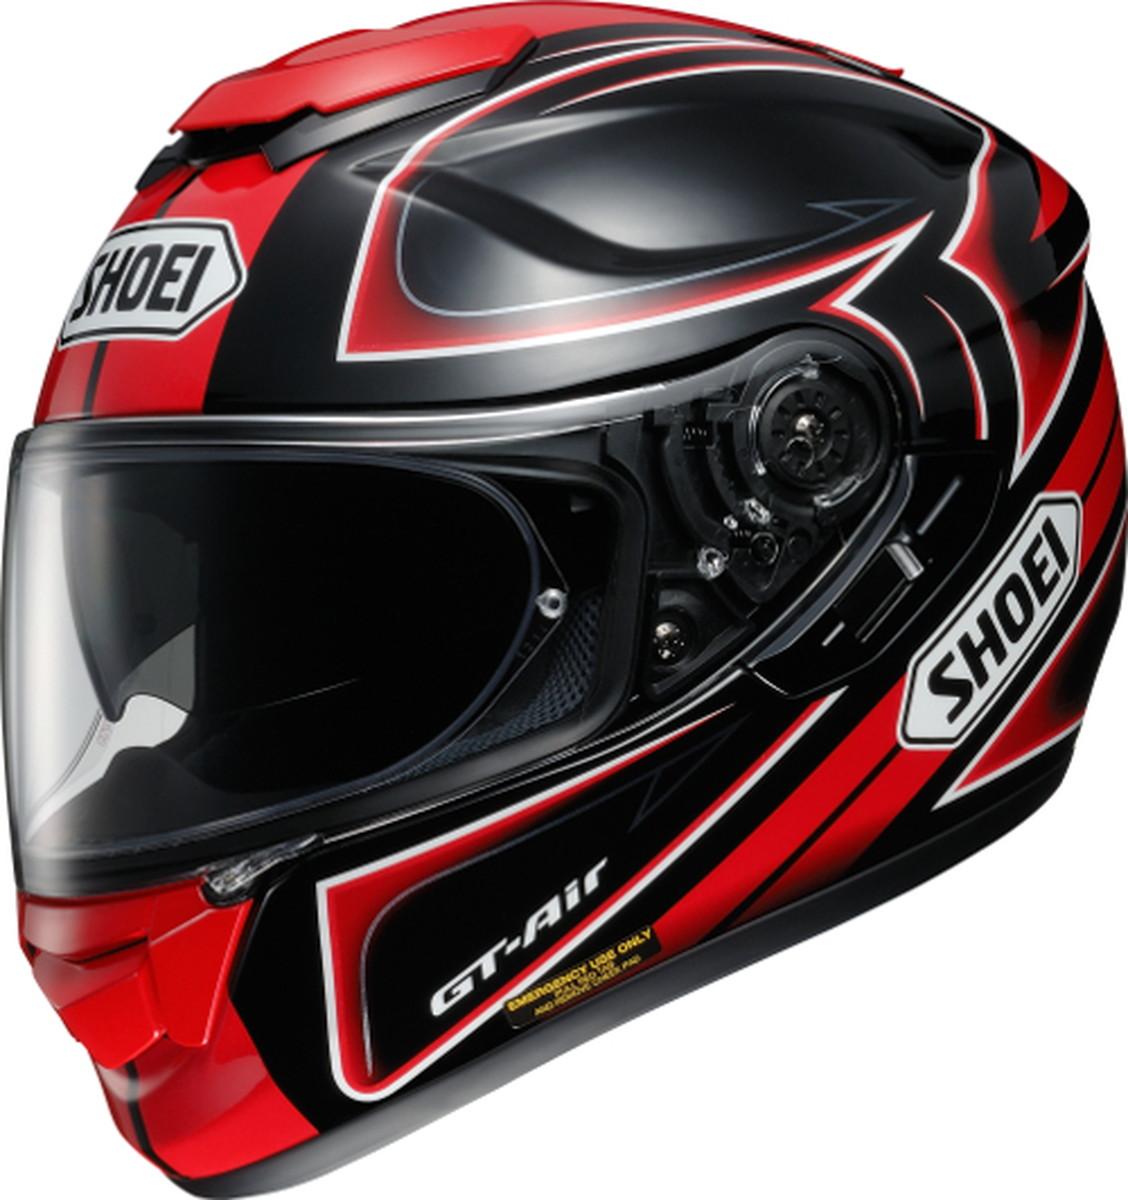 【動画あり】 SHOEI フルフェイスヘルメット GT-AIR EXPANSE (エクスパンセ) TC-1 Sサイズ